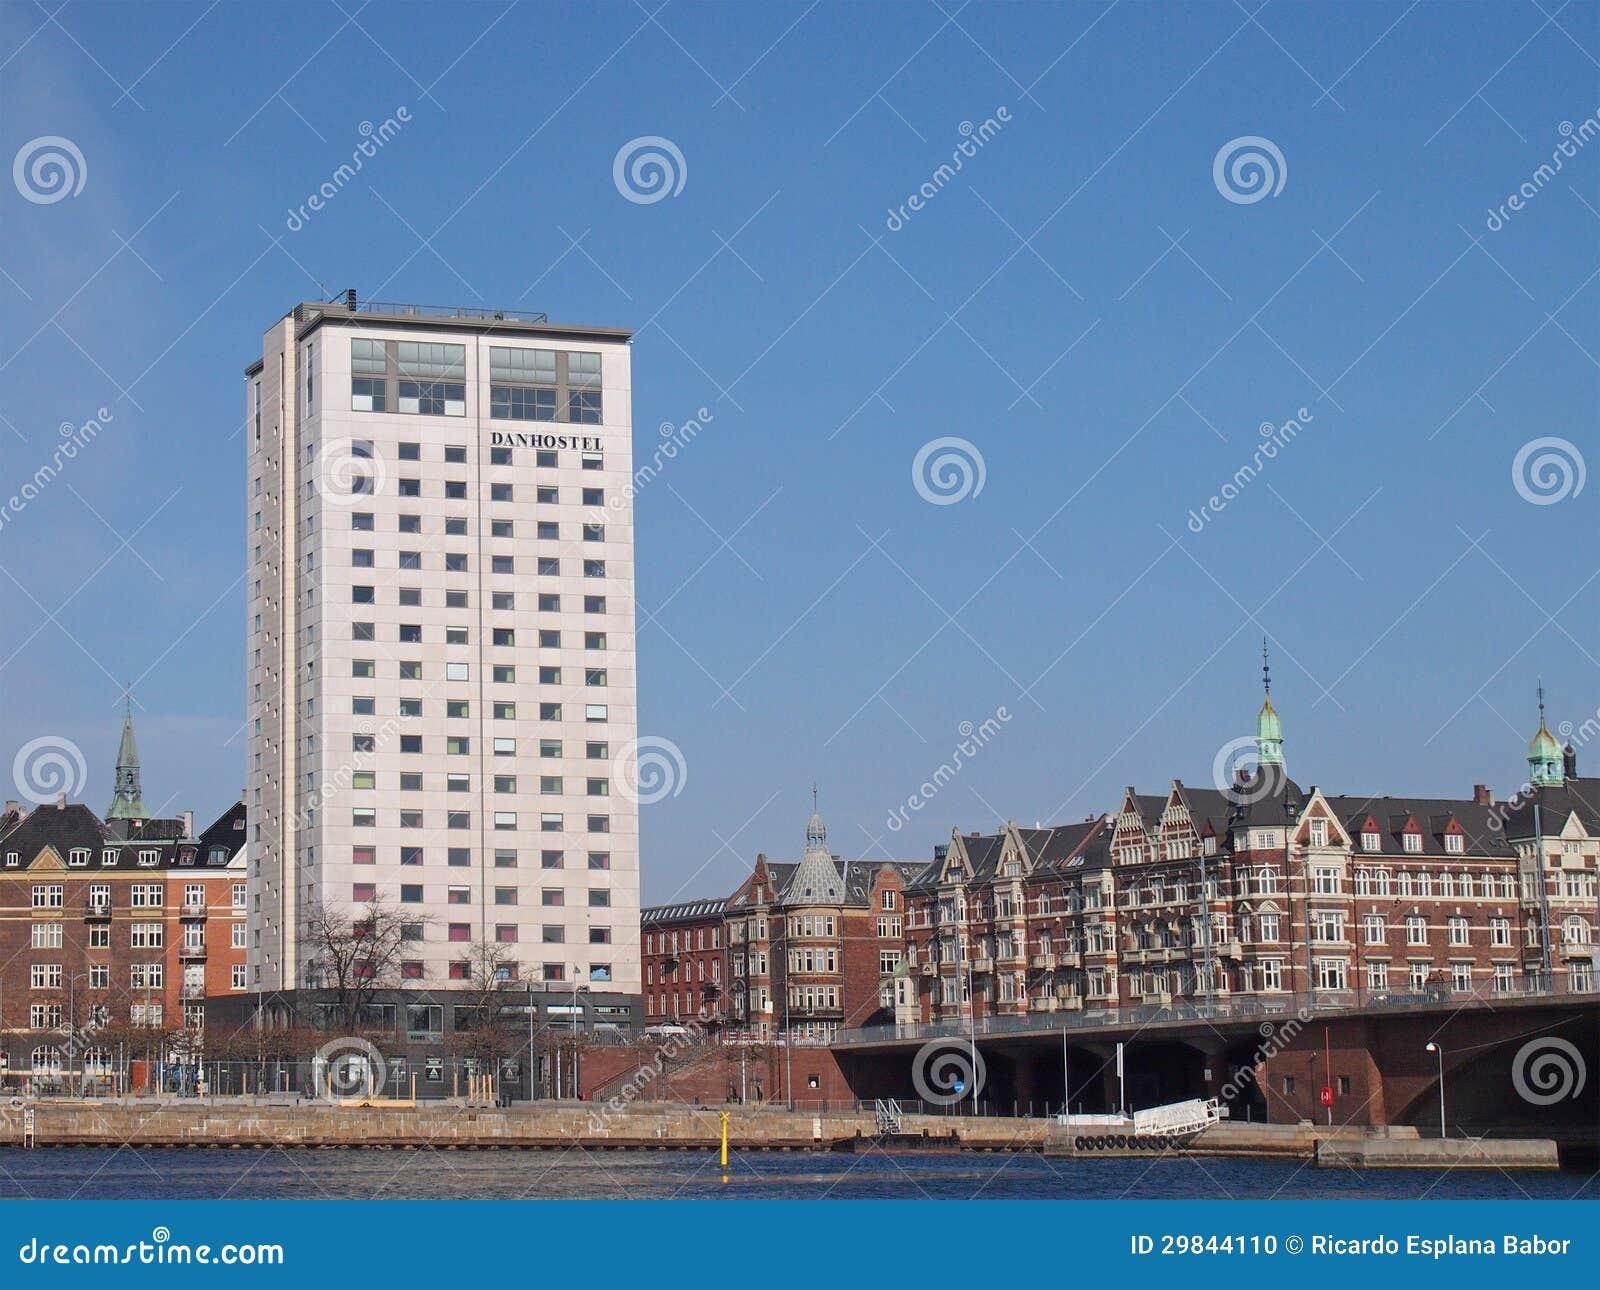 Danhostel copenhagen city editorial image image of for Kopenhagen hostel